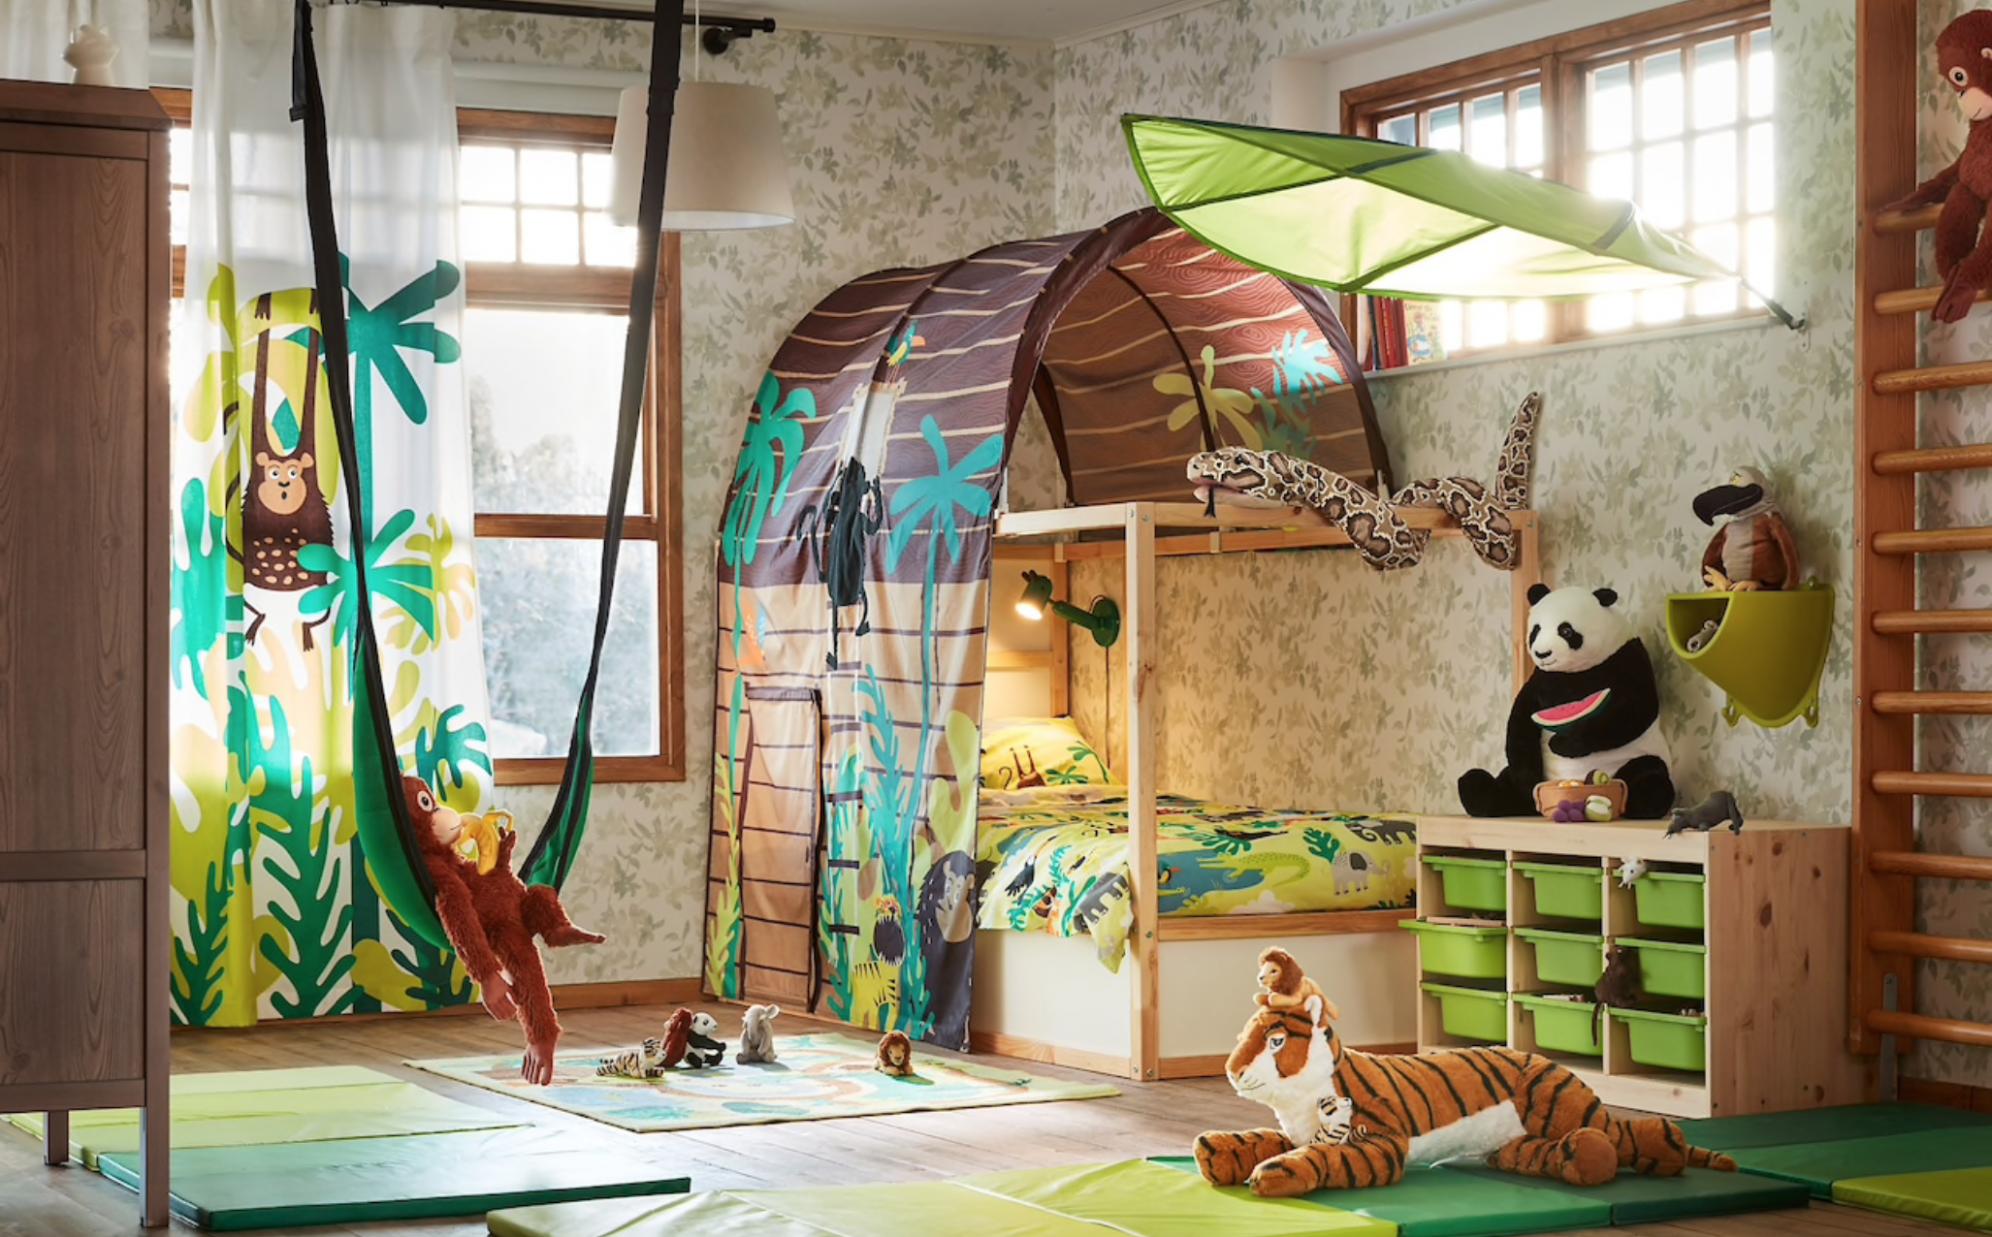 Ikea jungle inspired room idea for kids #Kidsroomideas  Jungle  - Childrens Bedroom Ideas Jungle